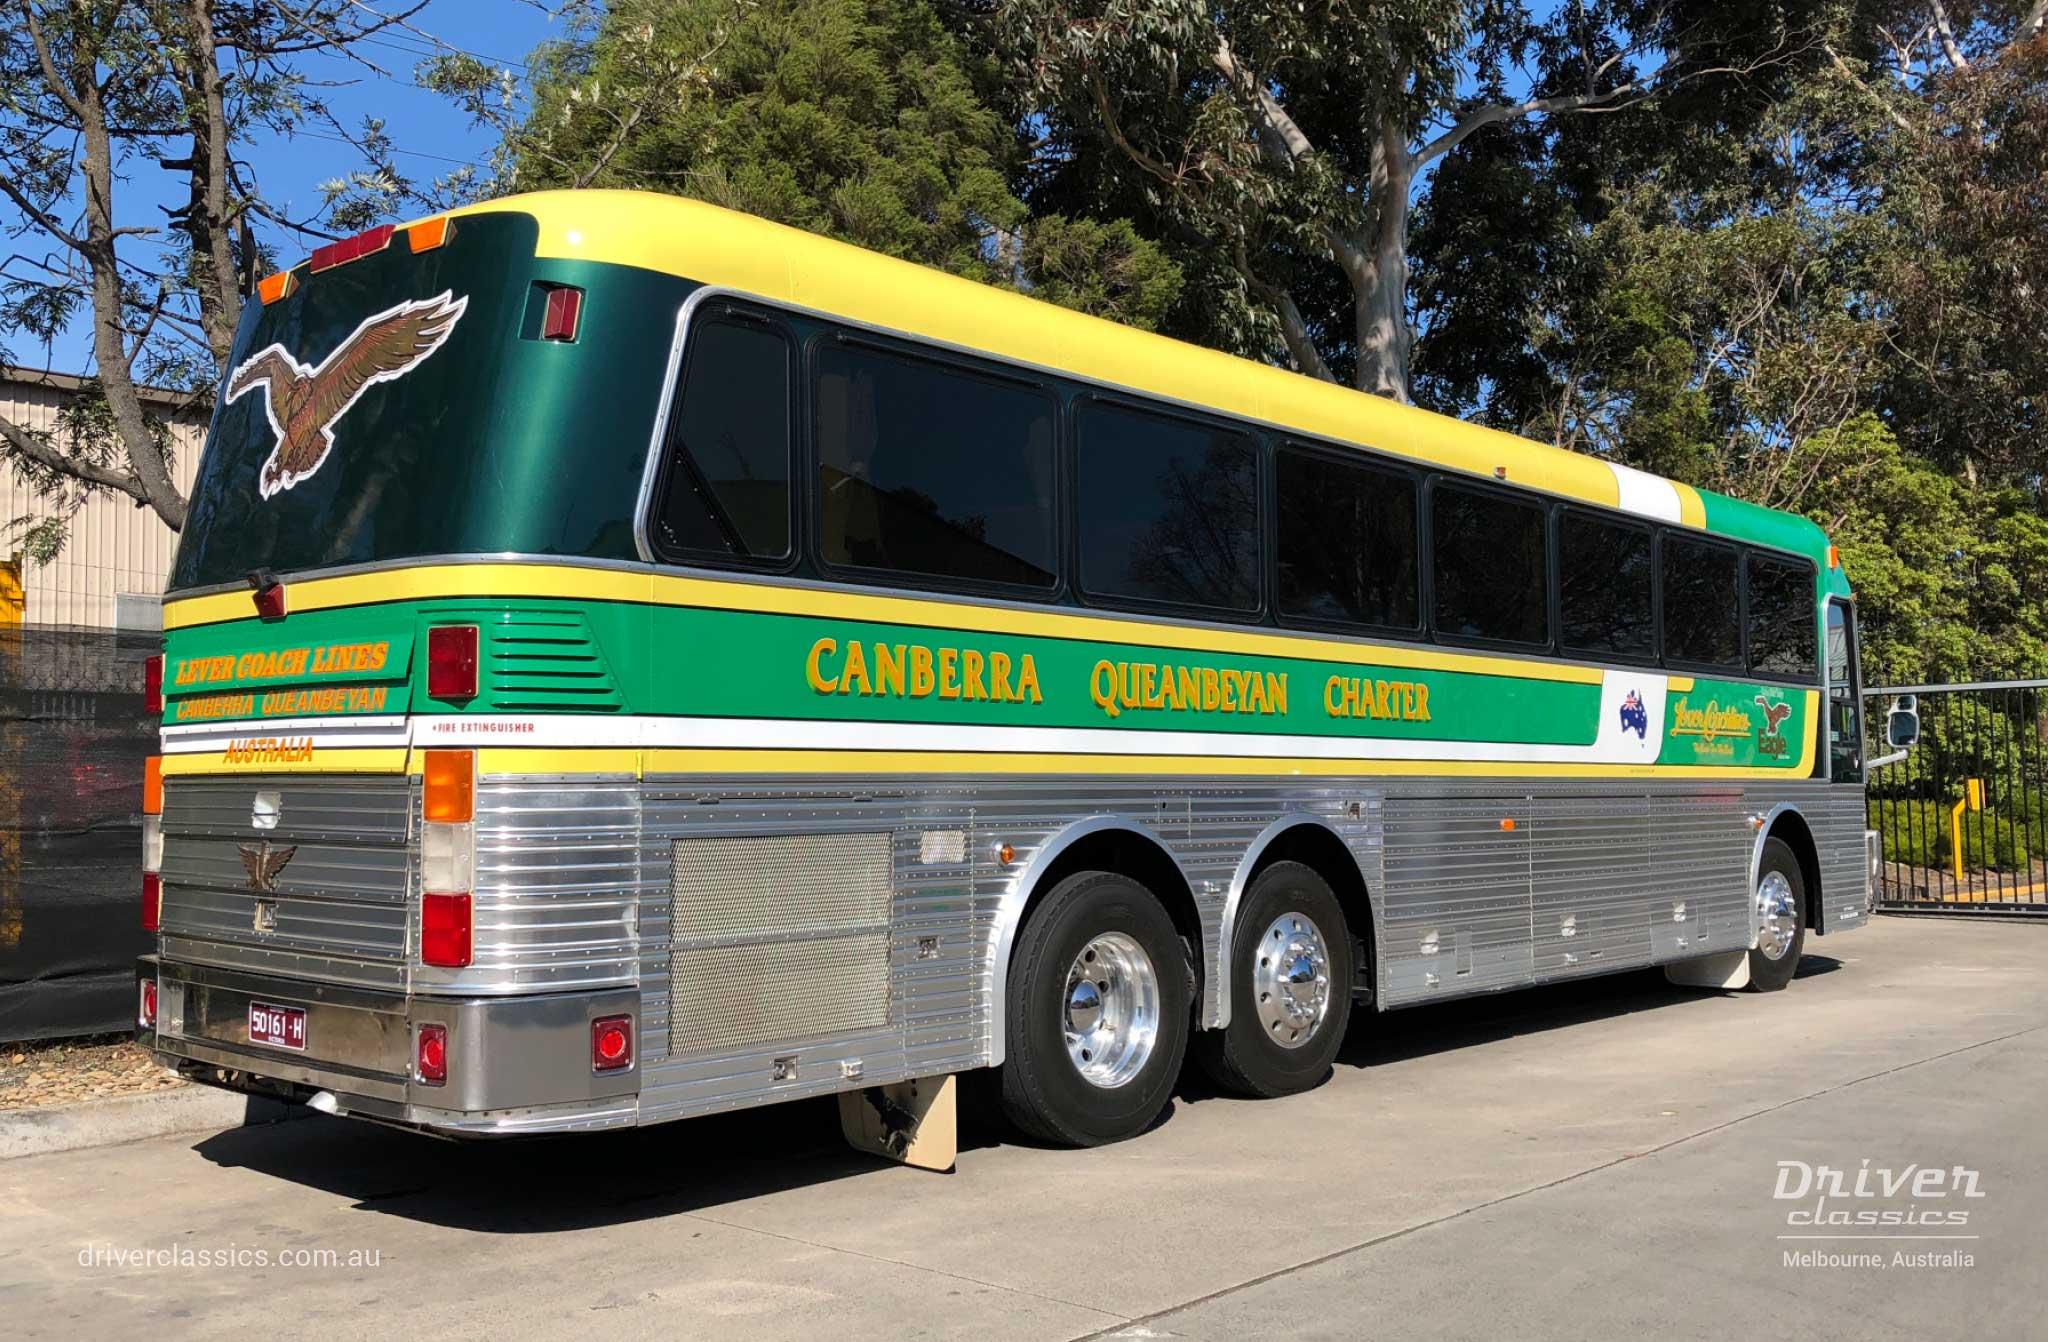 1989 Eagle Model 20 bus (1989 version) side and back, Mt Waverley Victoria, September 2018